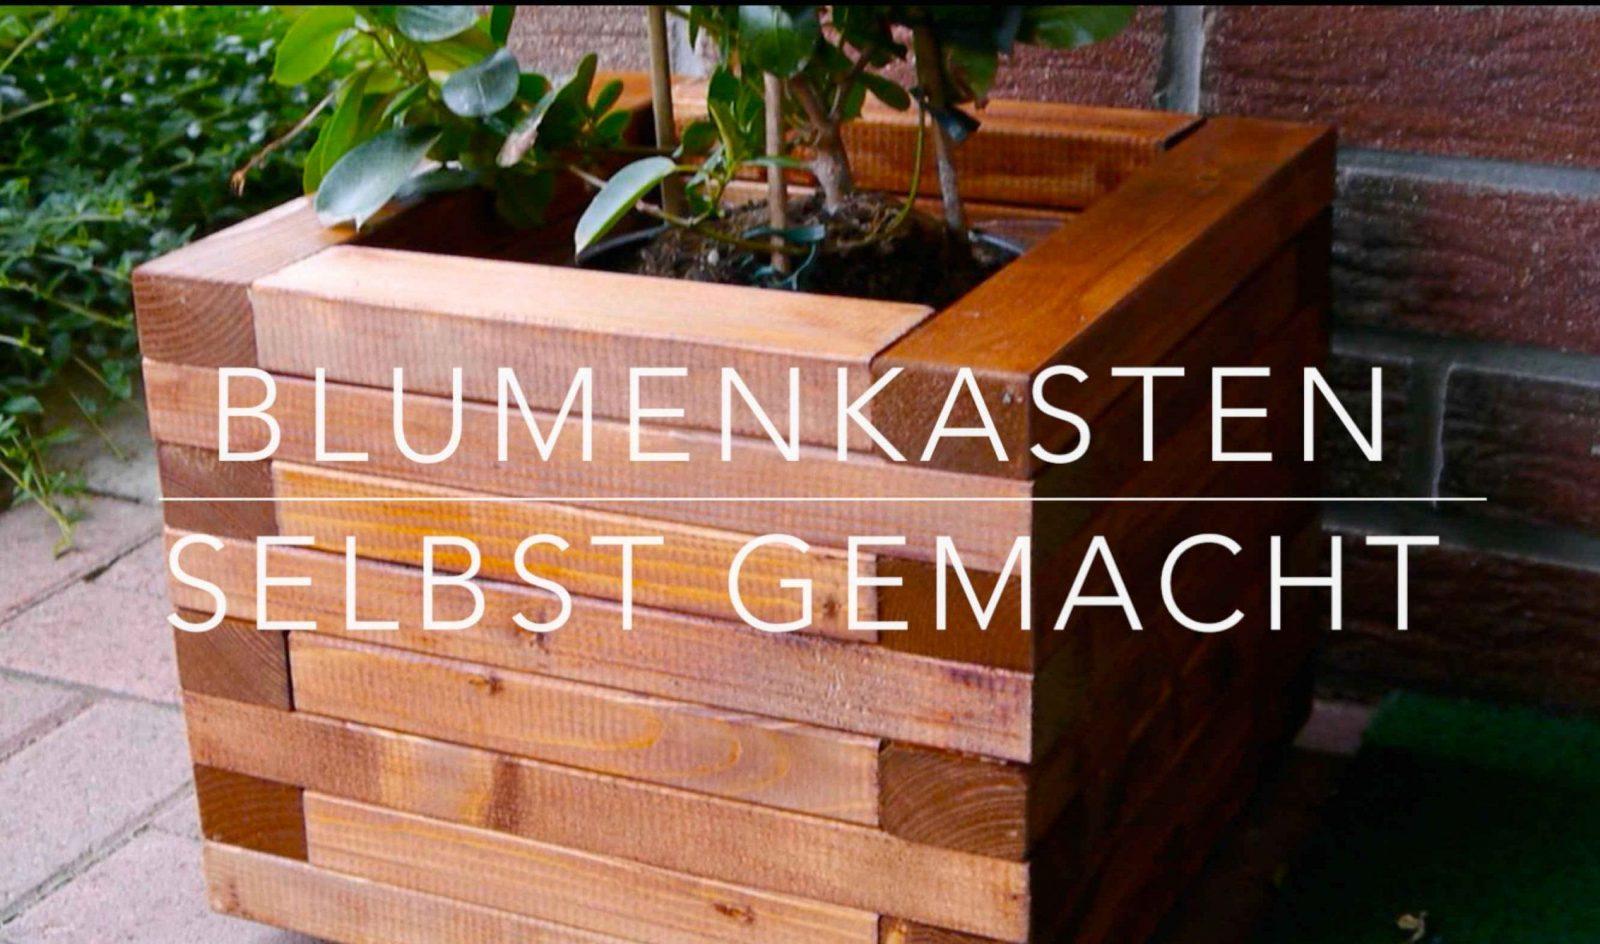 Diy Blumenkasten Aus Holz Kinderleicht Bauen  Youtube von Blumenkasten Selber Bauen Bauanleitung Bild